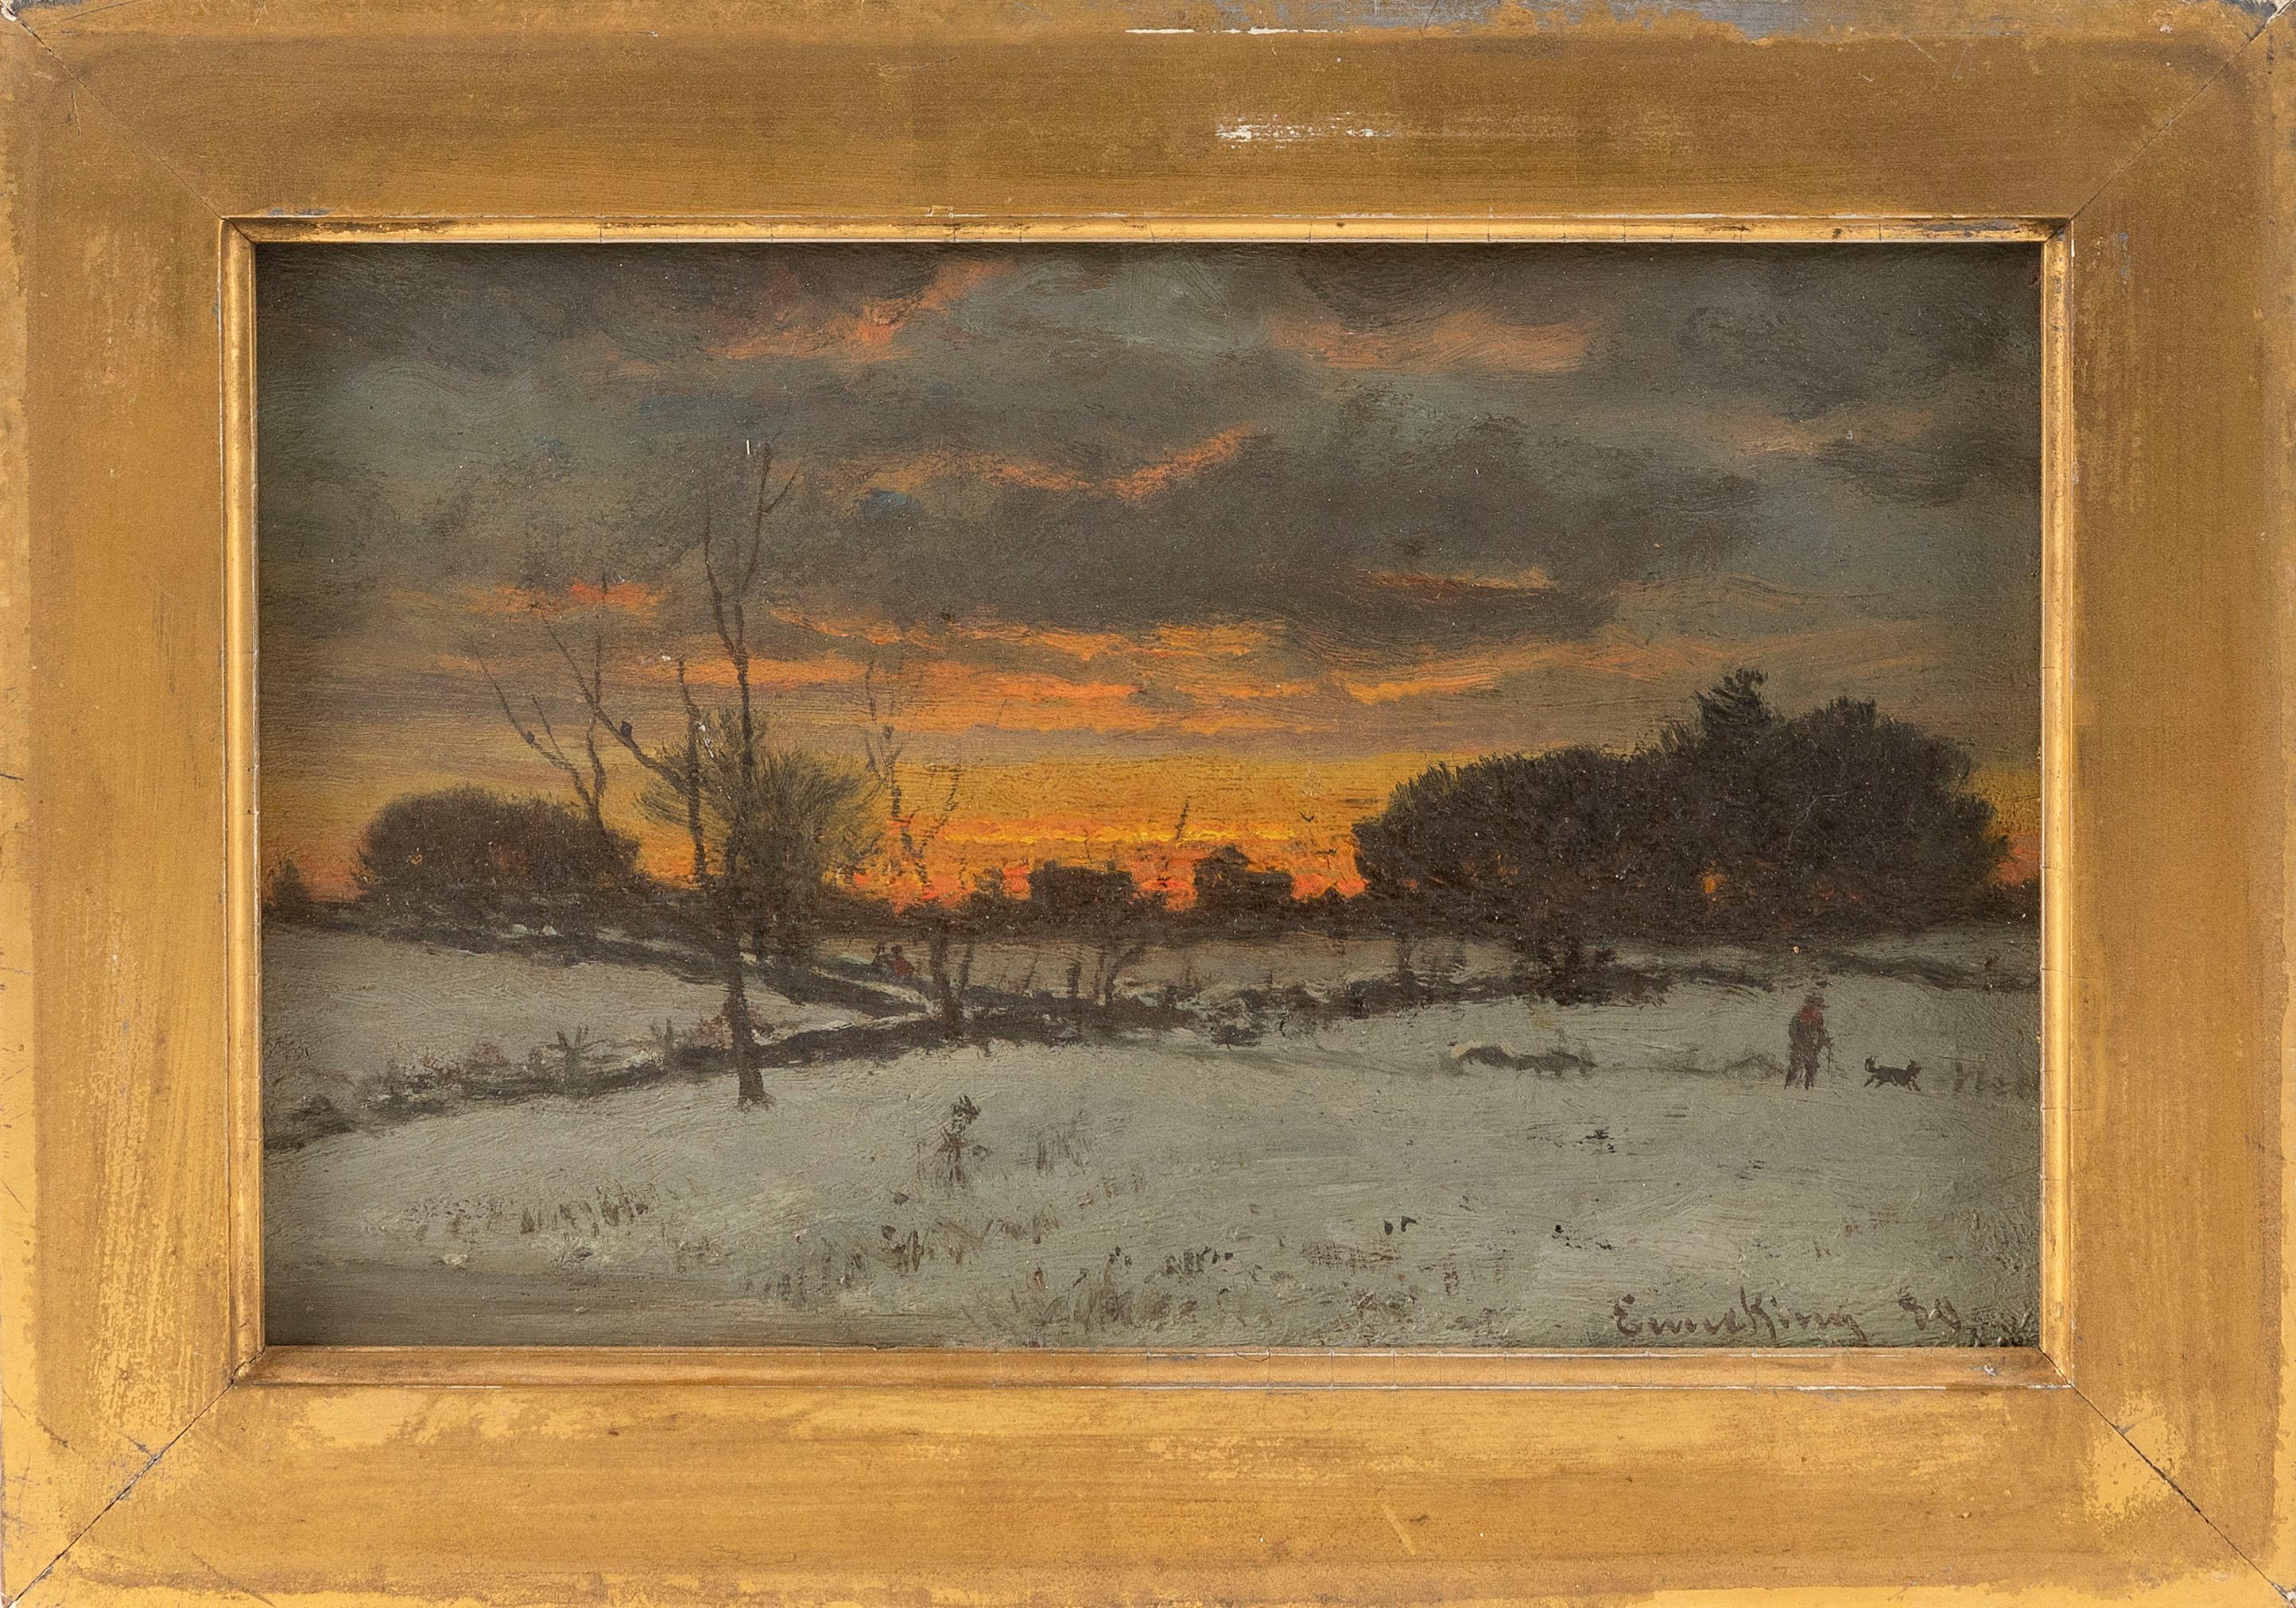 """JOHN JOSEPH ENNEKING, Massachusetts/New York/Maine/Ohio, 1841-1916, Sunset winter landscape., Oil on board, 6.25"""" x 9.5"""". Framed 8""""..."""